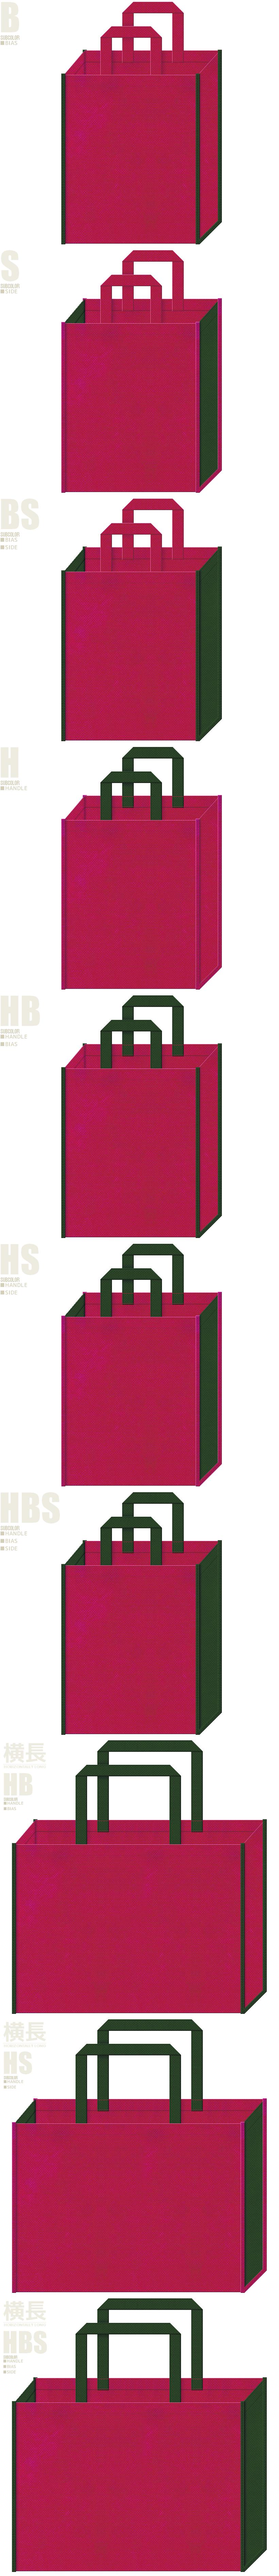 卒業式・成人式・梅・振袖・着物・帯・写真館・学園・学校・女子イベント・和風催事にお奨めの不織布バッグデザイン:濃いピンク色と濃緑色の配色7パターン